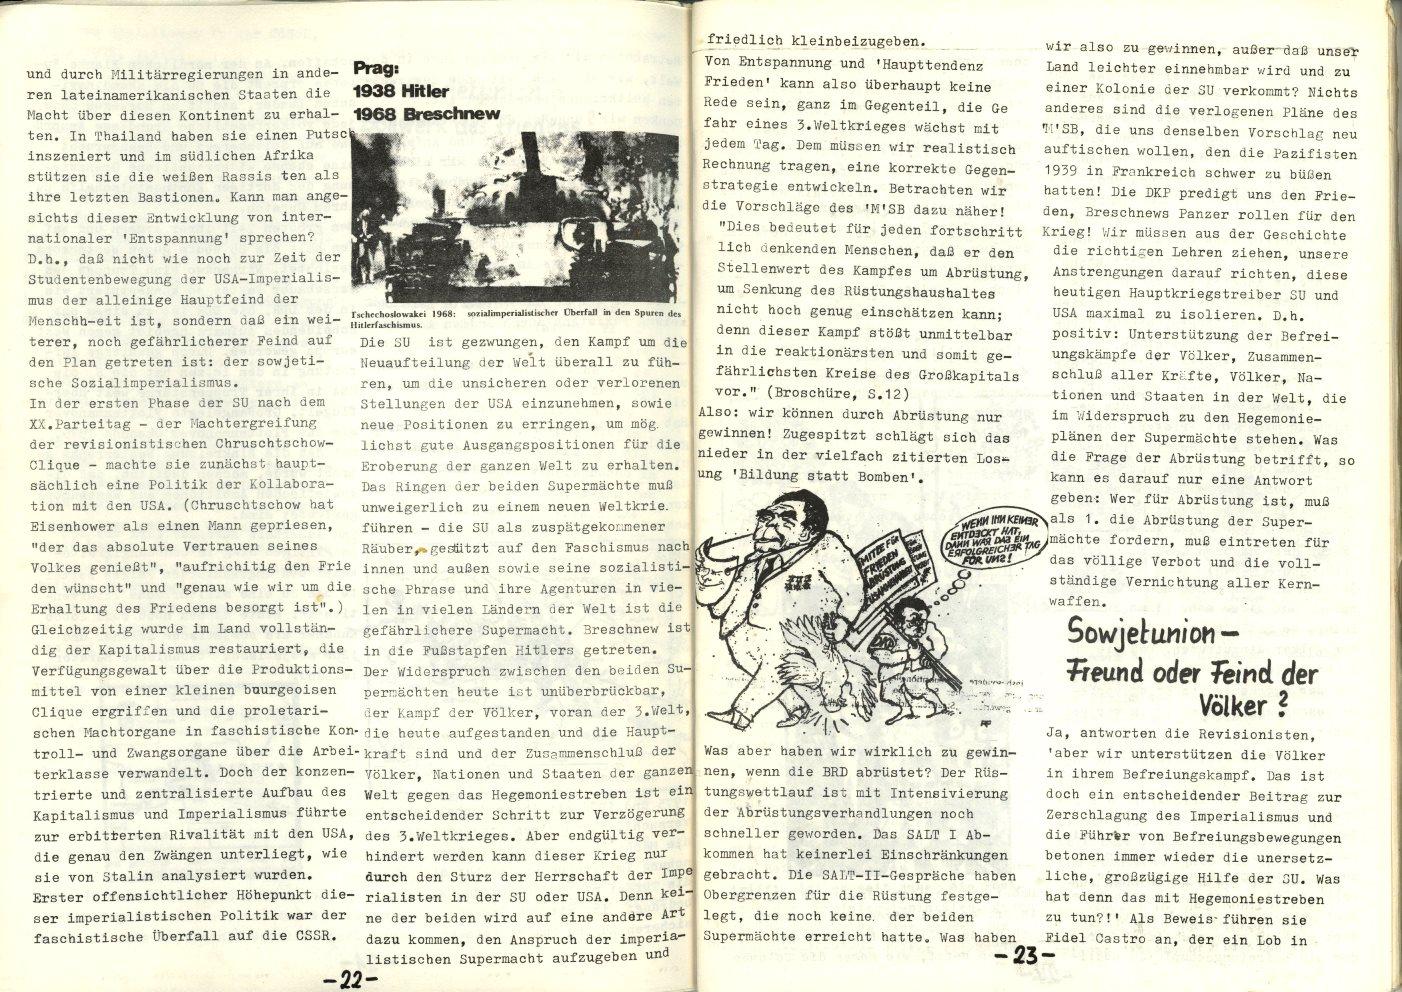 NRW_KSV_1977_Doku_zu_den_AStA_Wahlen_Nr_2_12